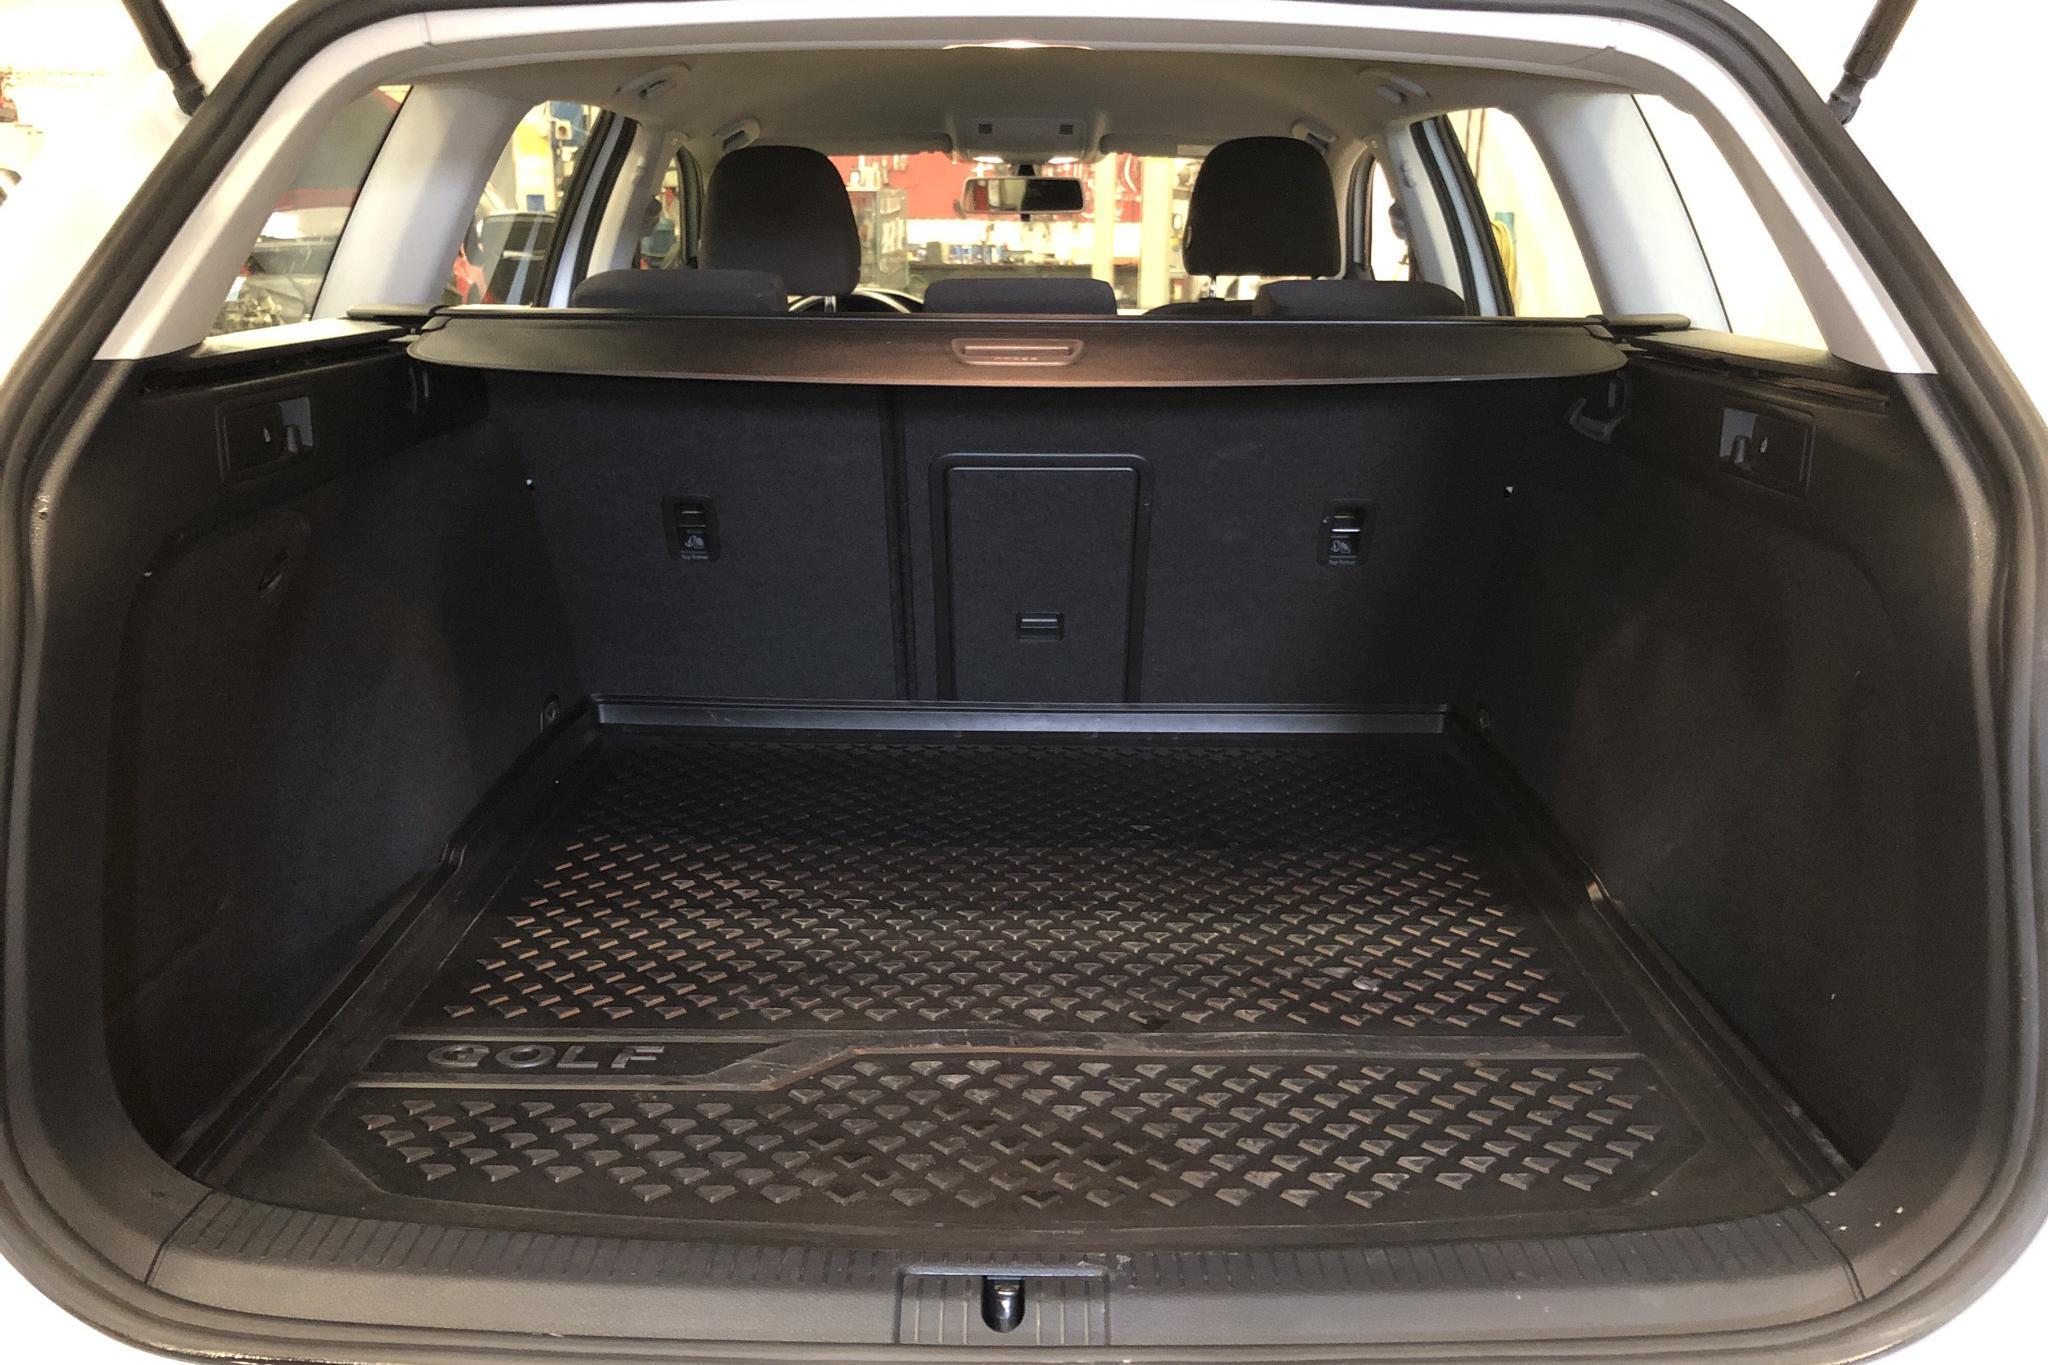 VW Golf VII 1.4 TSI Multifuel Sportscombi (125hk) - 8 476 mil - Manuell - vit - 2016